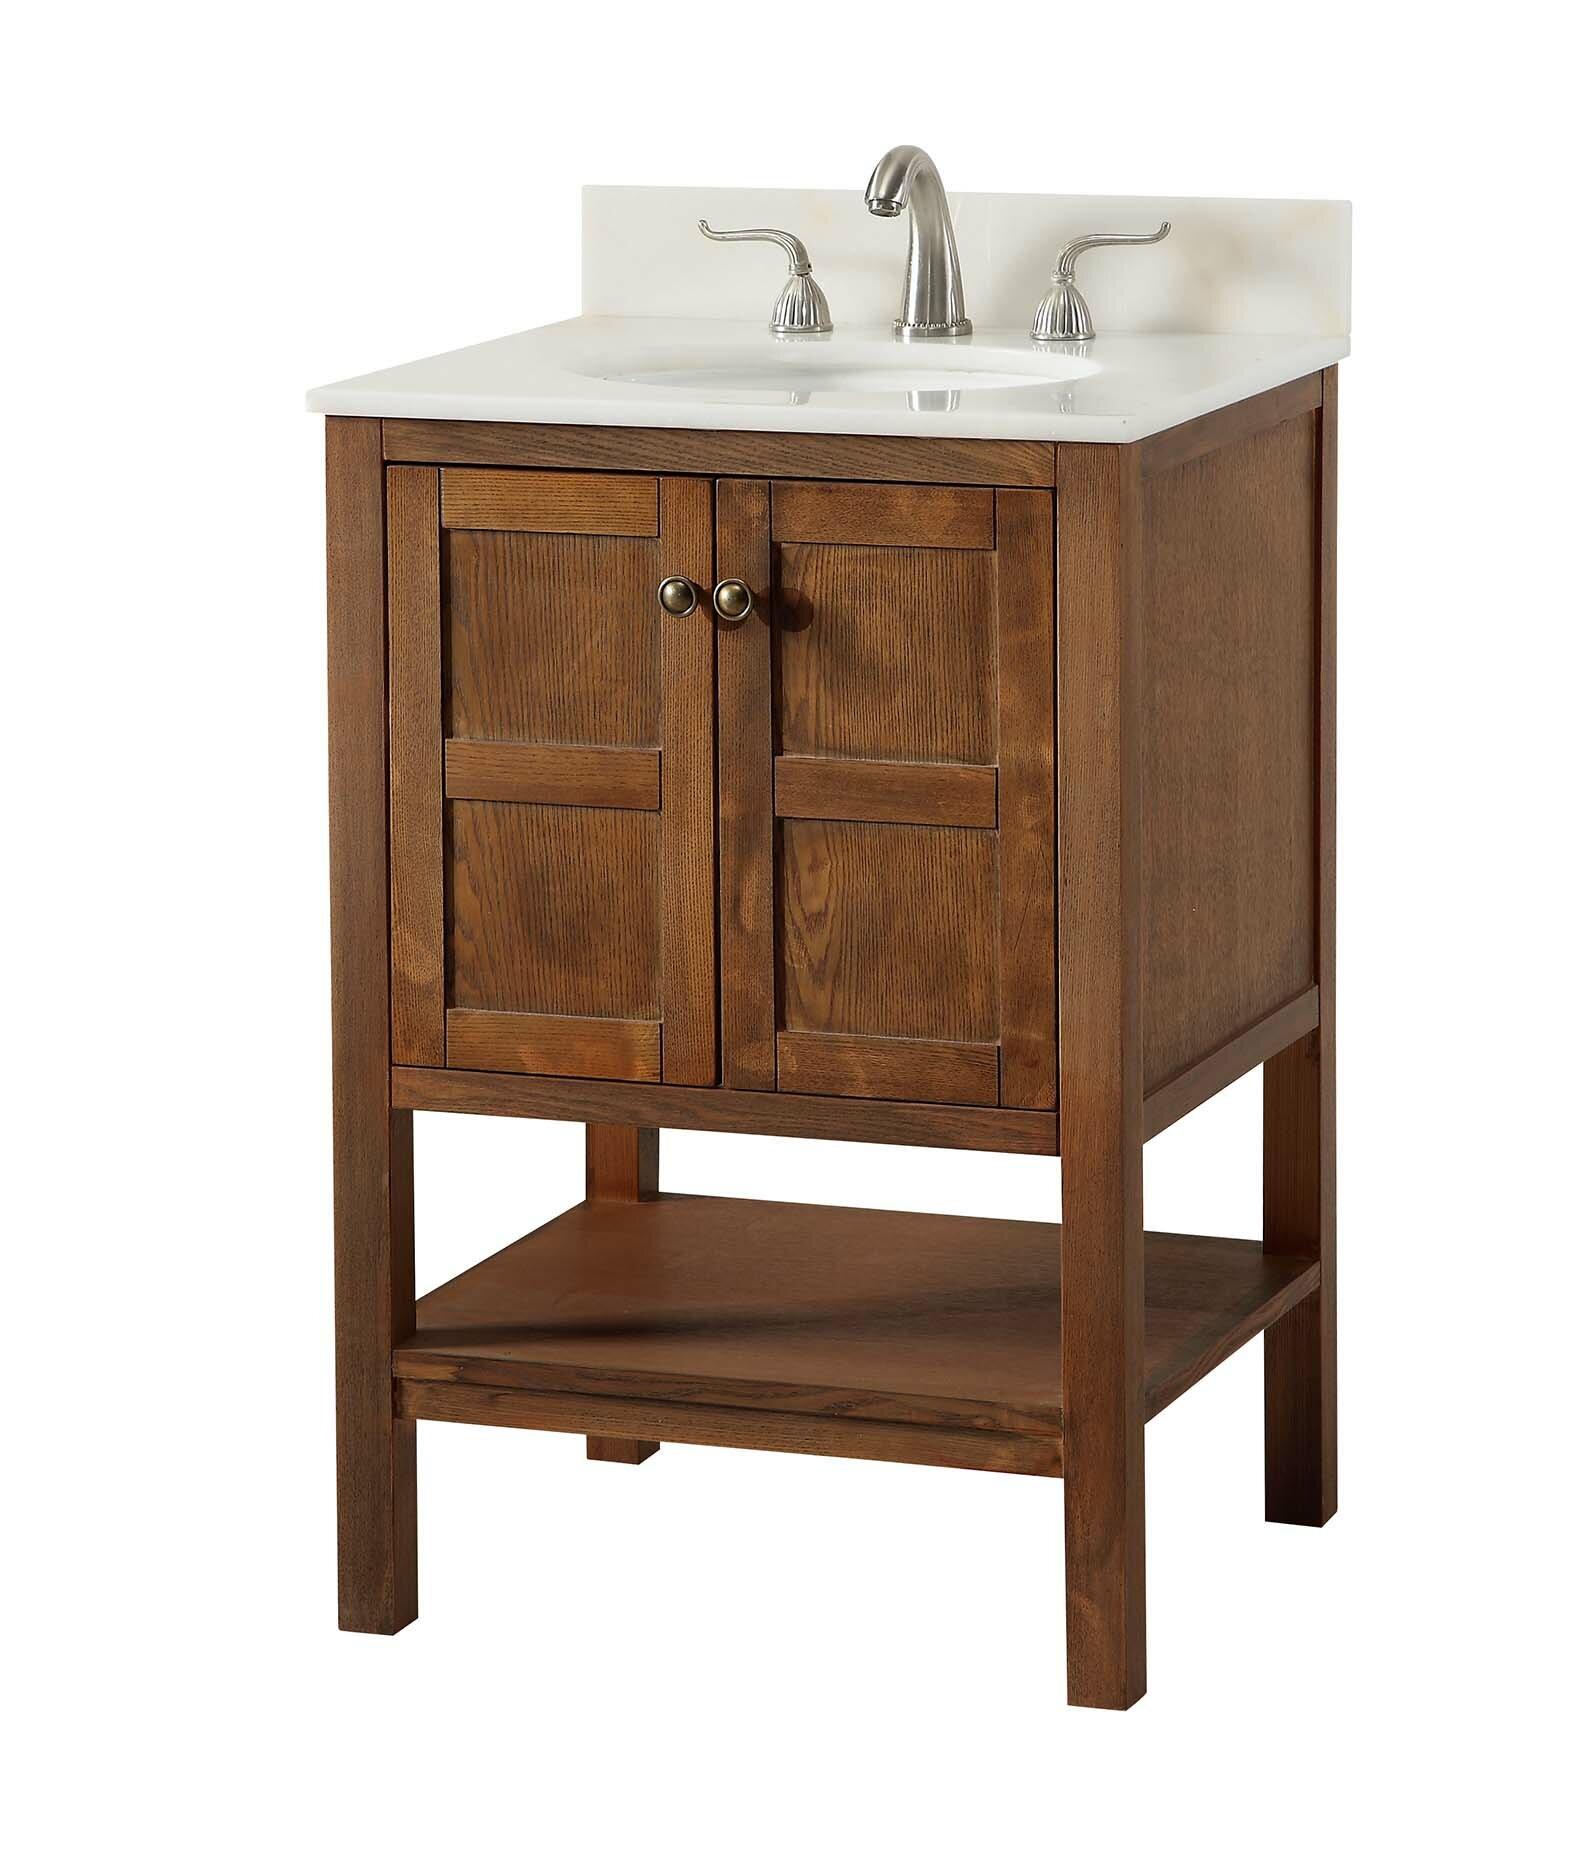 Aula 24 Single Bathroom Vanity Set